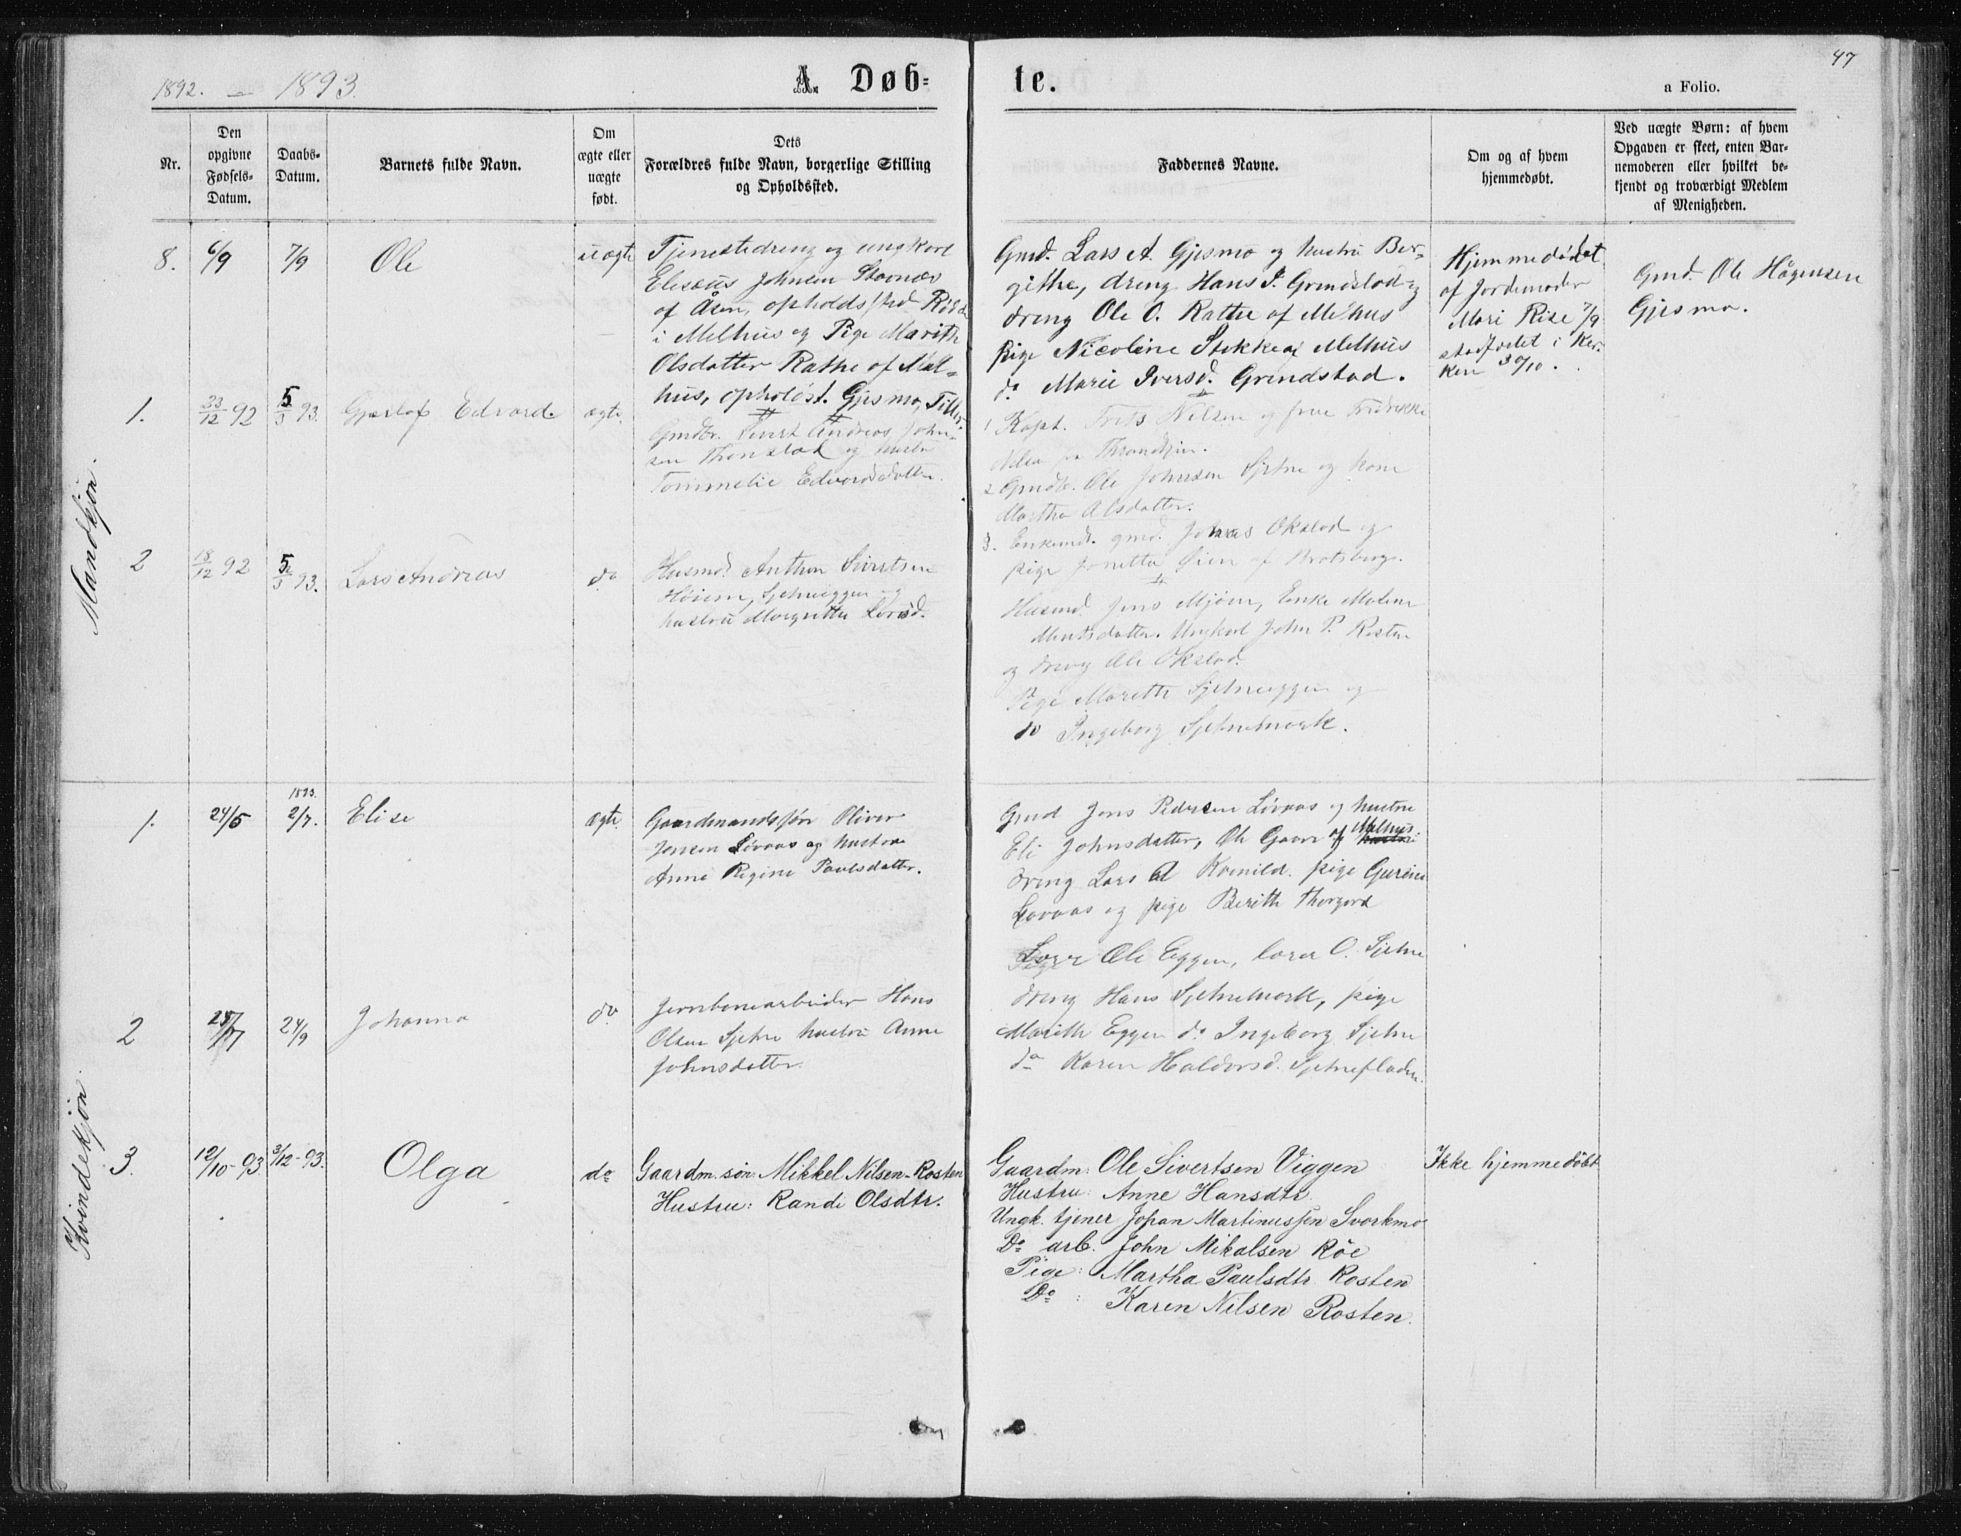 SAT, Ministerialprotokoller, klokkerbøker og fødselsregistre - Sør-Trøndelag, 621/L0459: Klokkerbok nr. 621C02, 1866-1895, s. 47